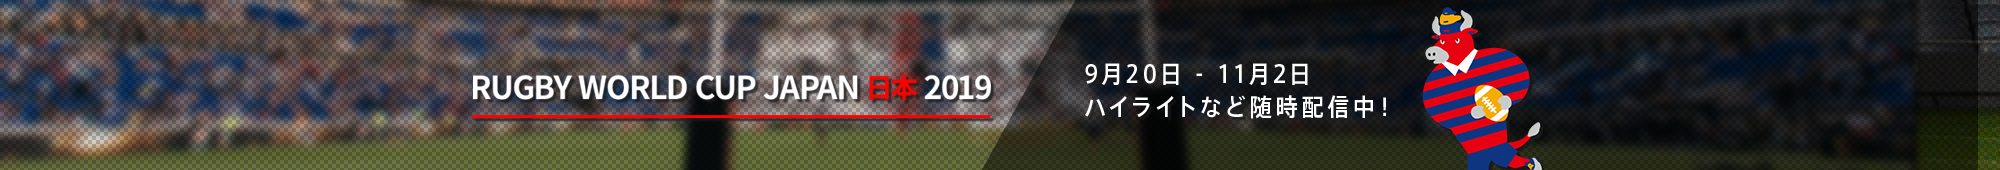 トップリーグもレギュラーシーズンを終了。残すは日本選手権と順位決定戦のみだ。2019年にはワールドカップを迎える日本ラグビーにさらなる活気を! その願いを込めて関西ラグビーファンへ…